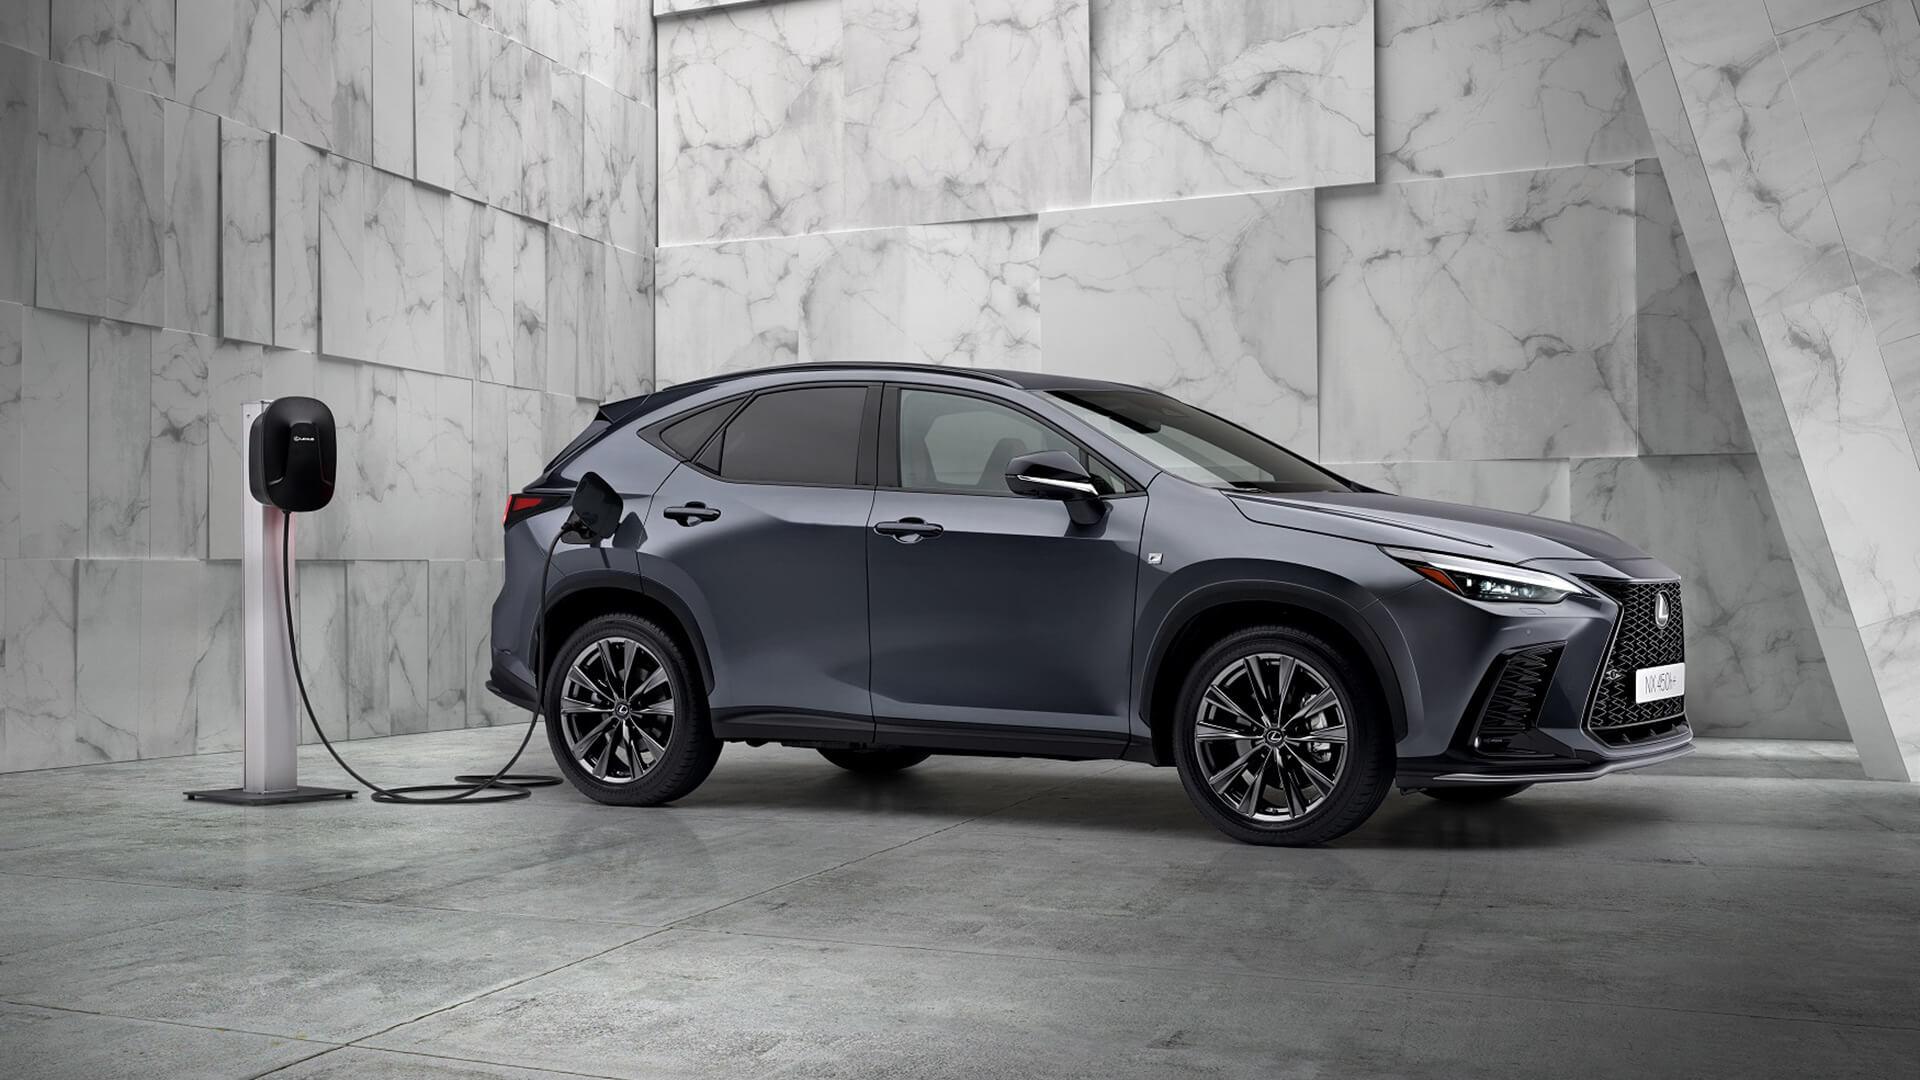 Lexus Autoshow Mobility Fuarı'na Damga Vurdu gallery08